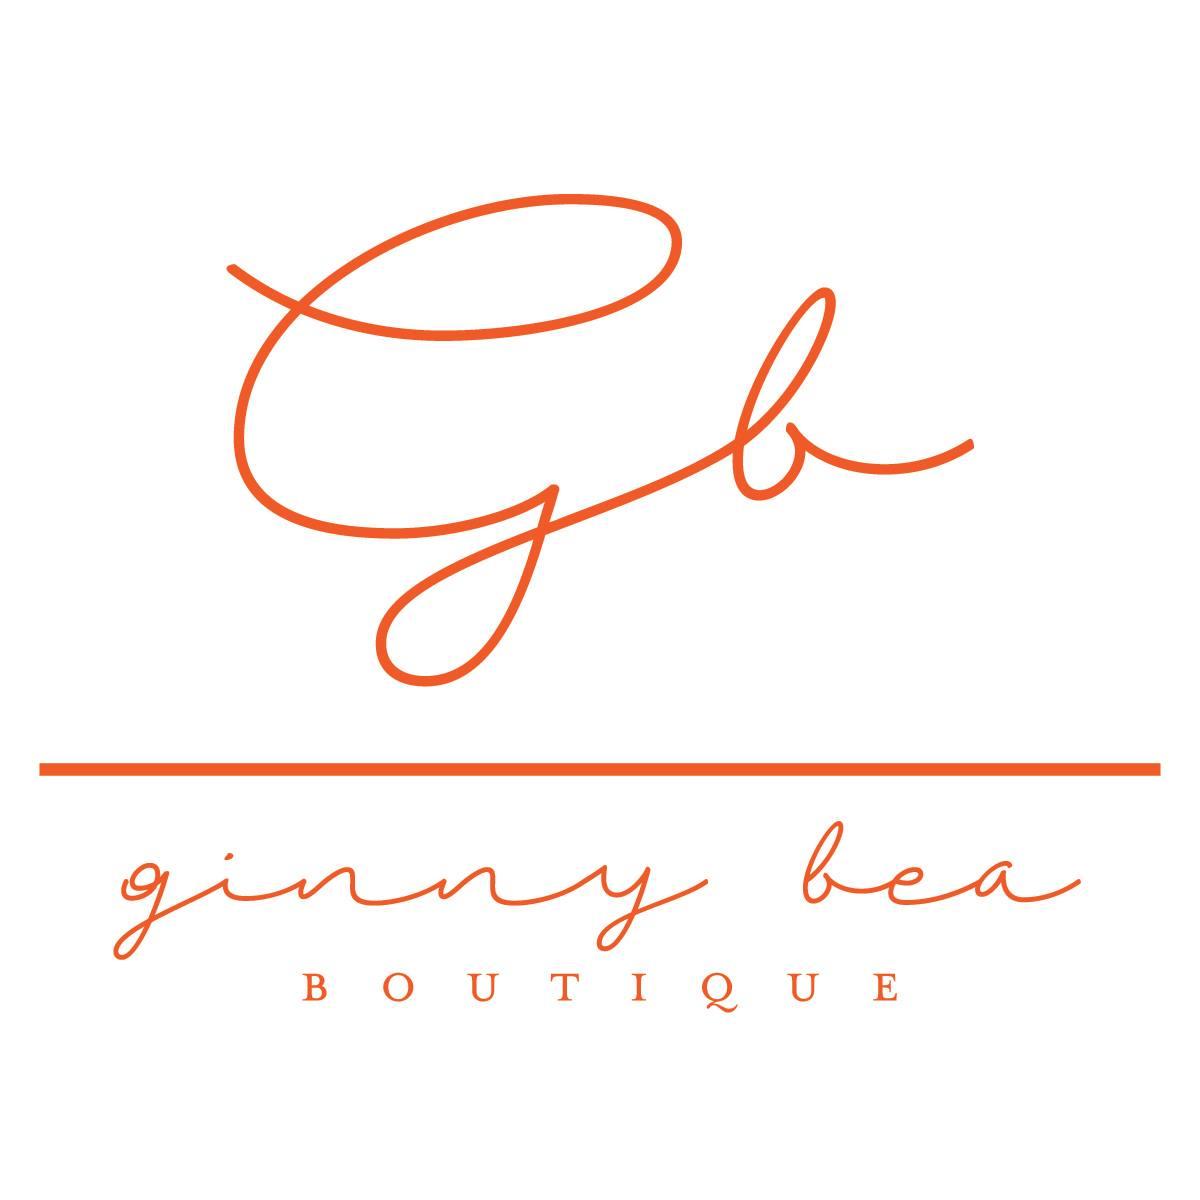 Ginny Bea Boutique - Shopping - Memphis - Memphis